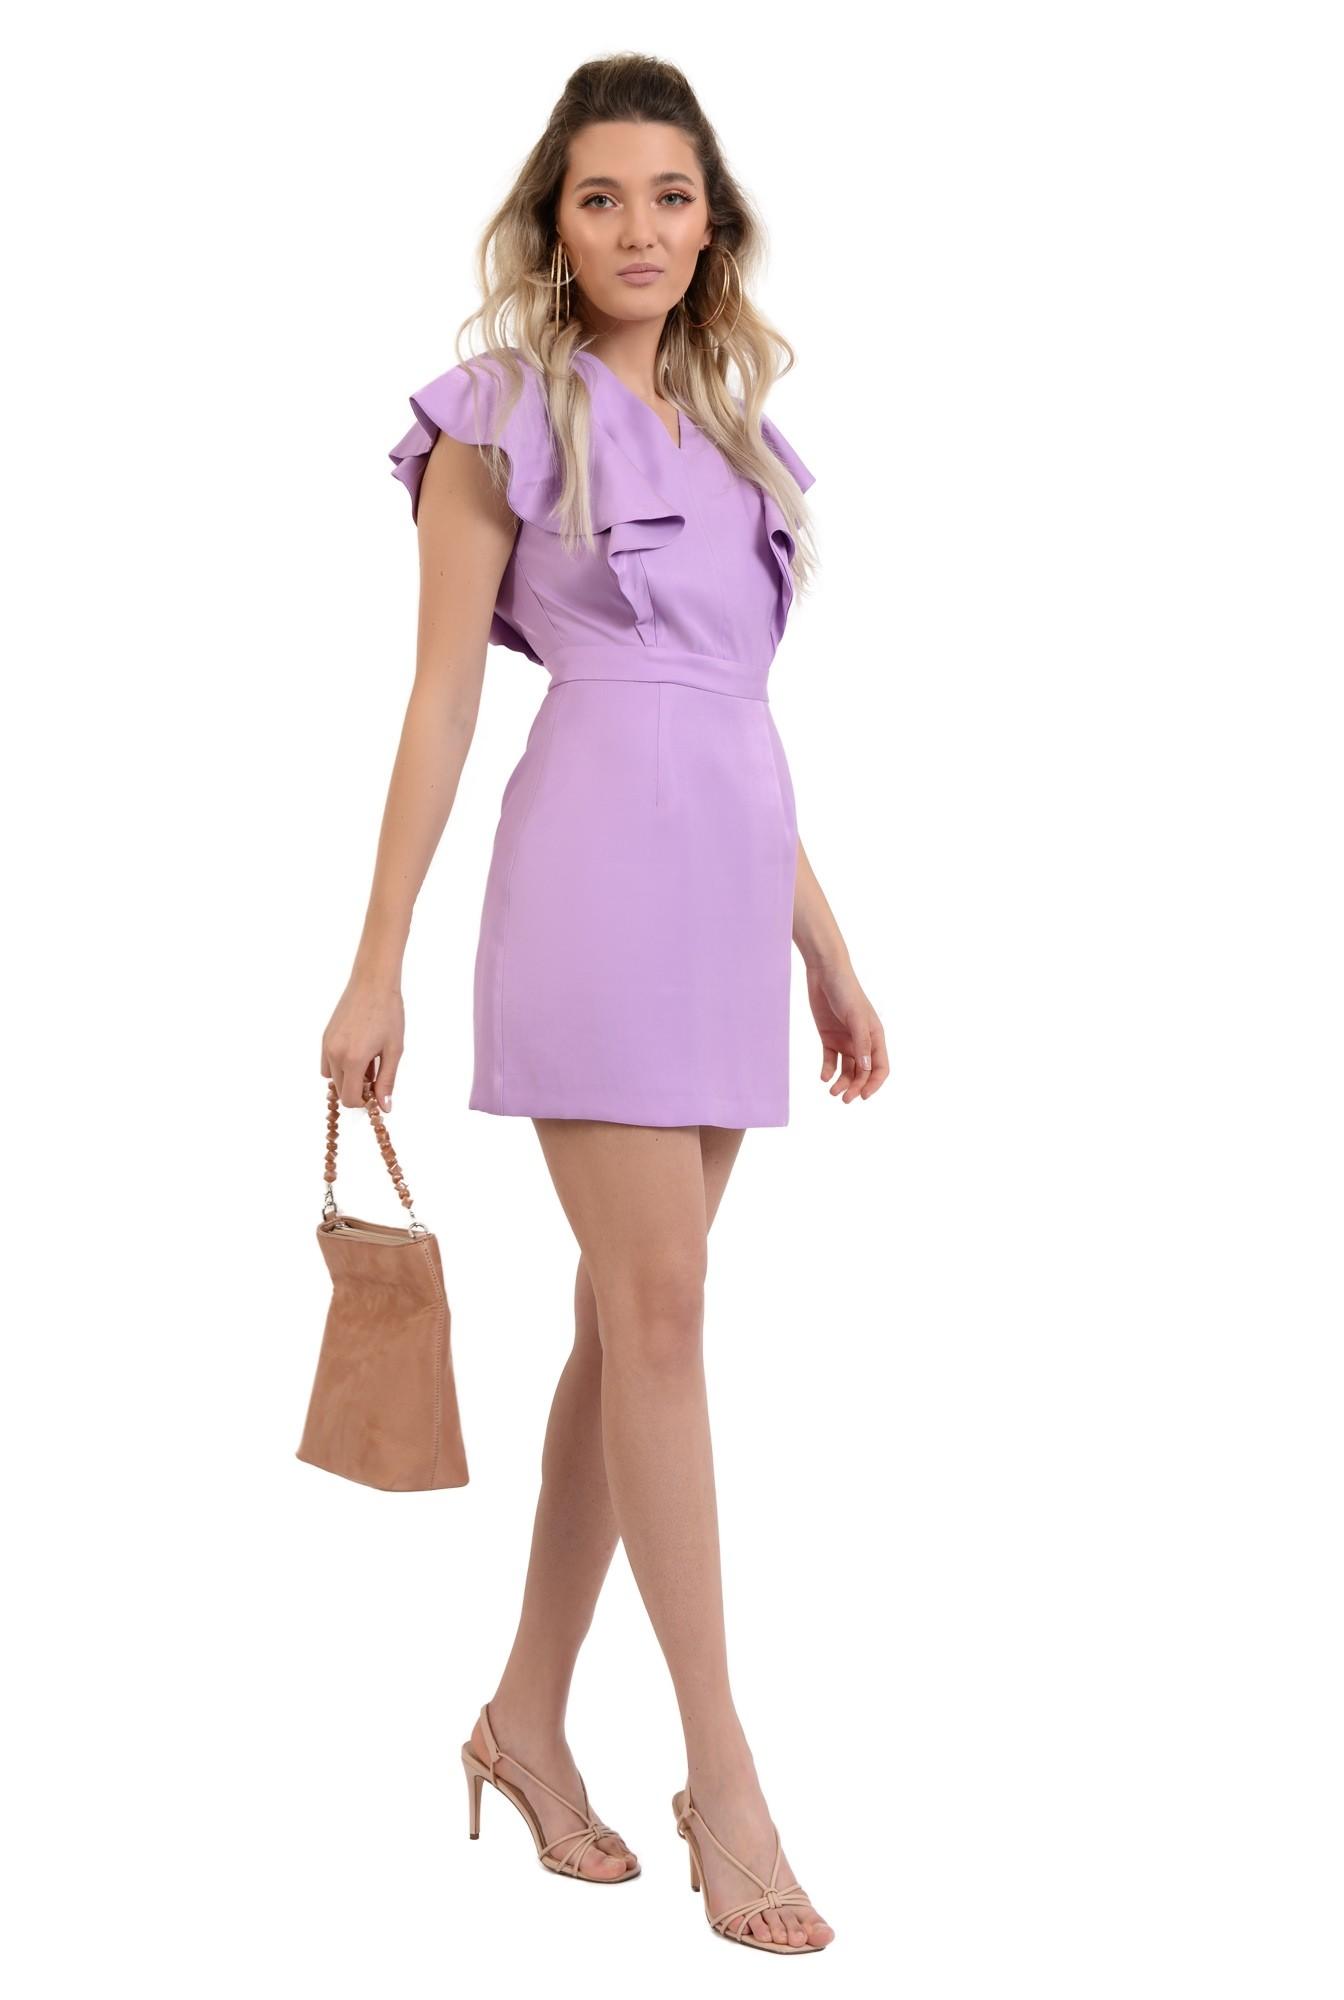 360 - rochie scurta, mini, cu volane, funda la spate, anchior, lila